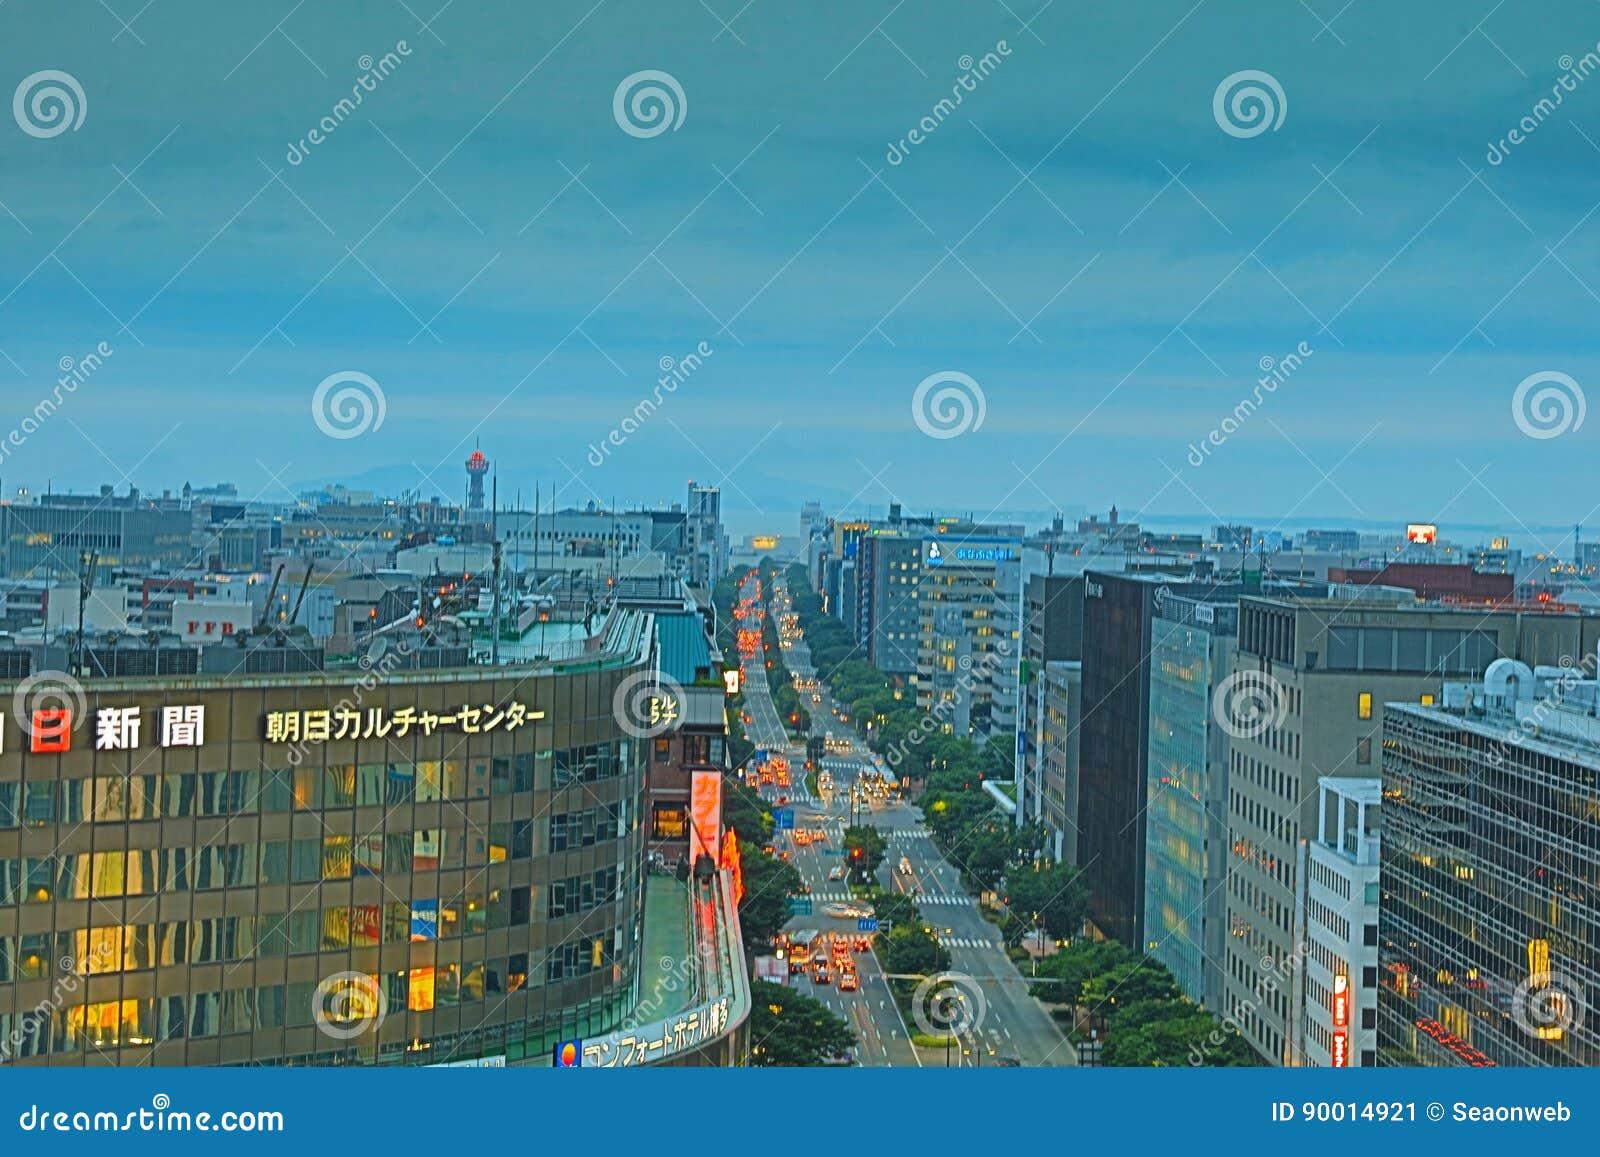 福冈是大城市在九州